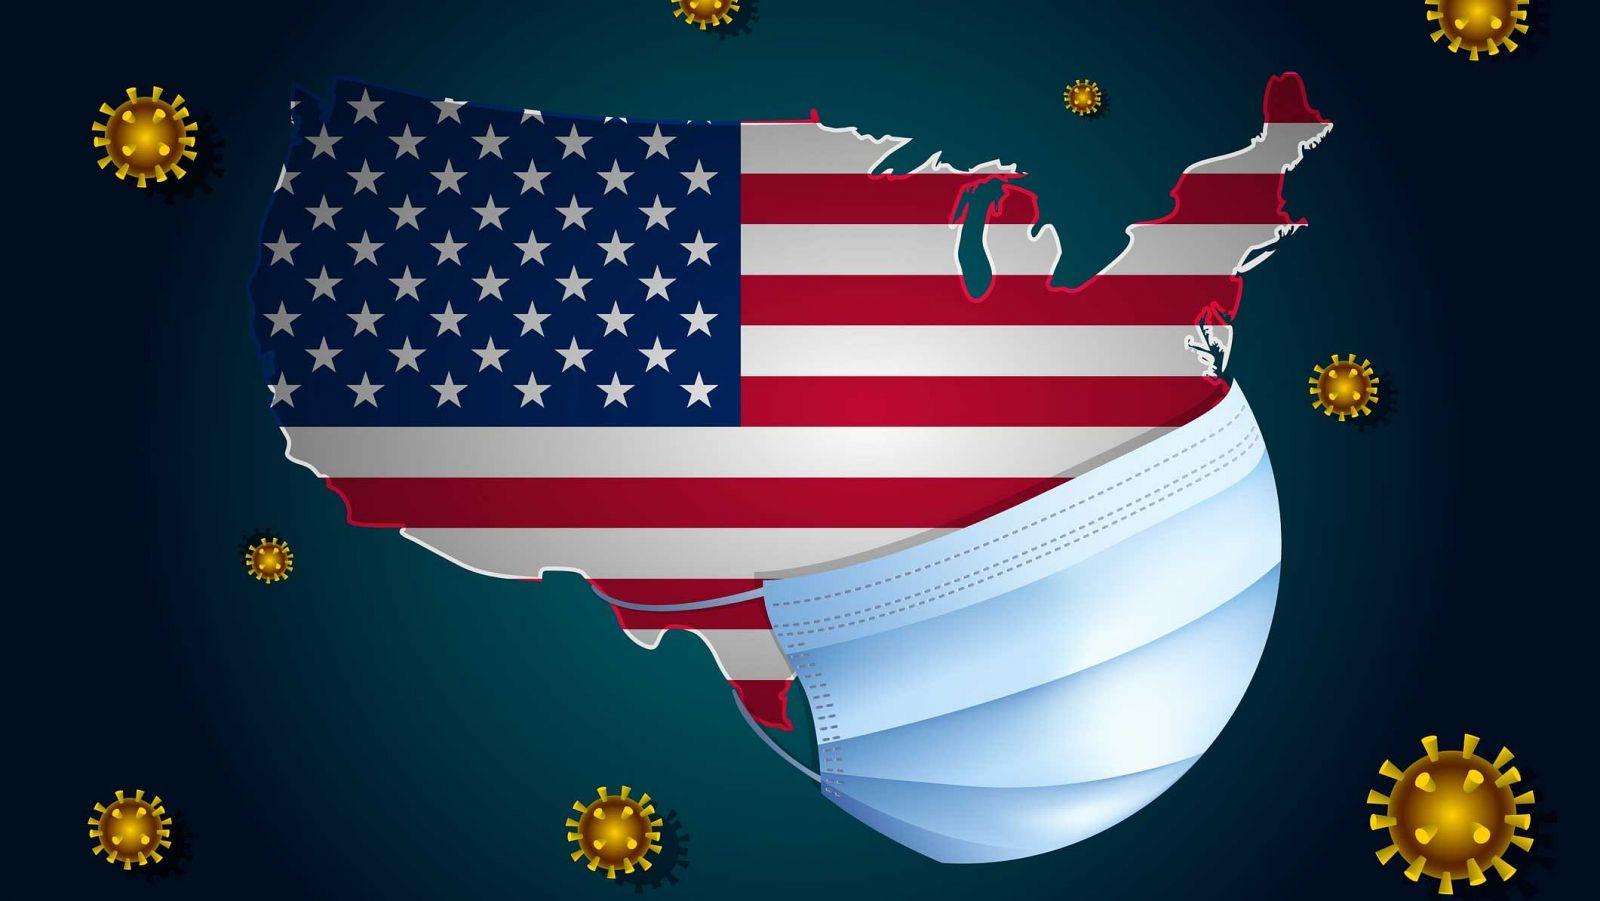 Monde: Les Etats-Unis enregistrent plus de 22 millions de cas de Covid-19 1